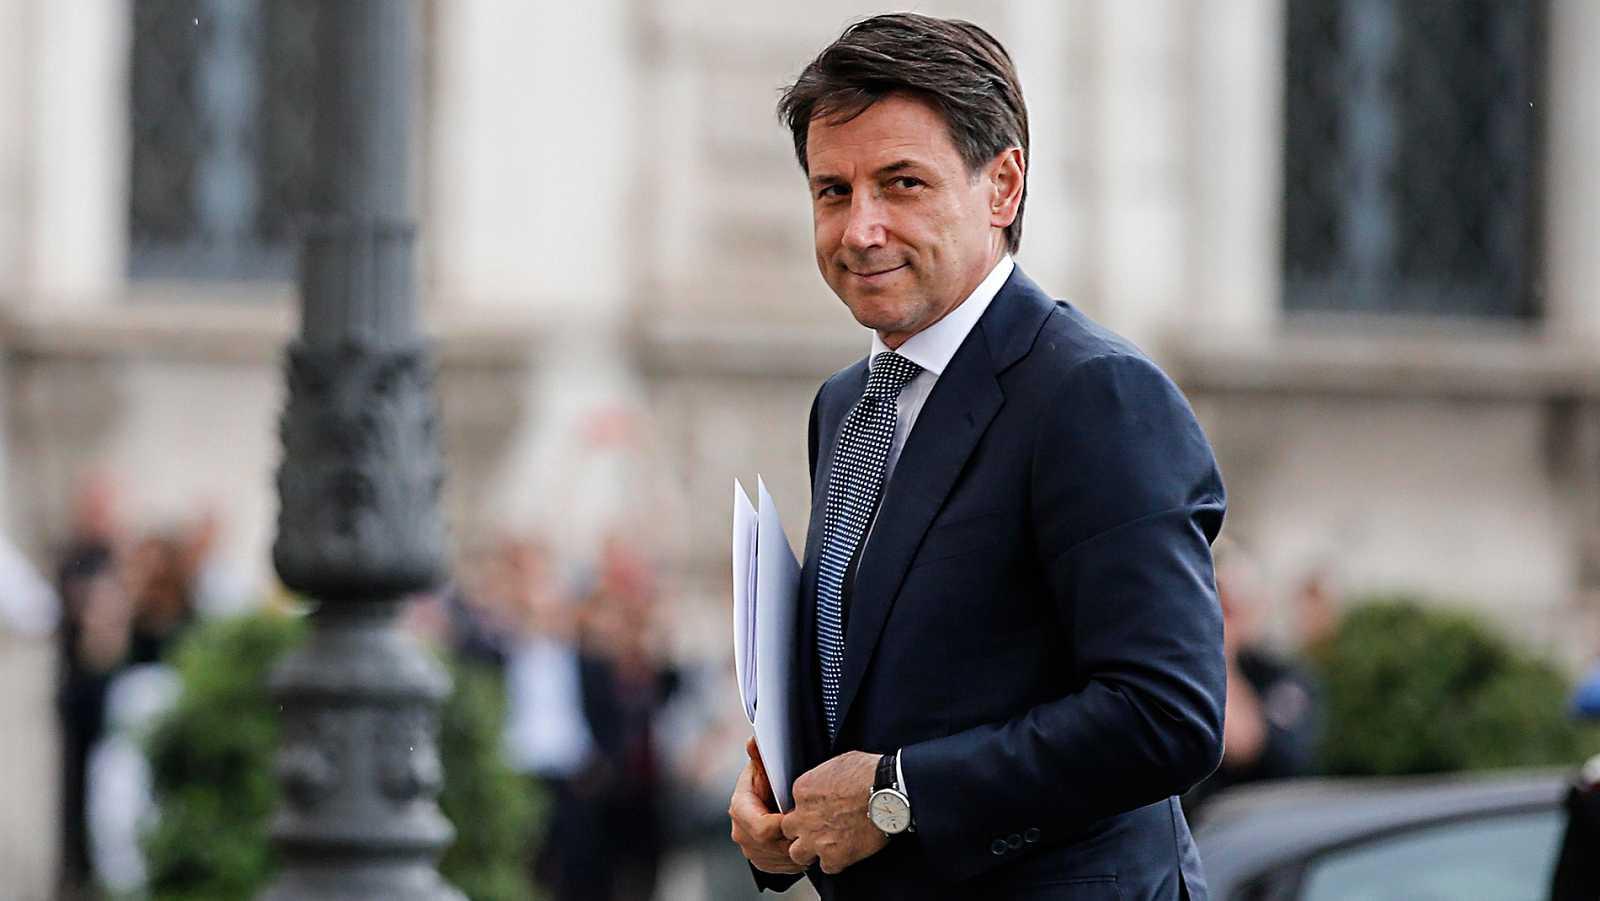 Giuseppe Conte recibe el encargo de formar gobierno | RTVE.es